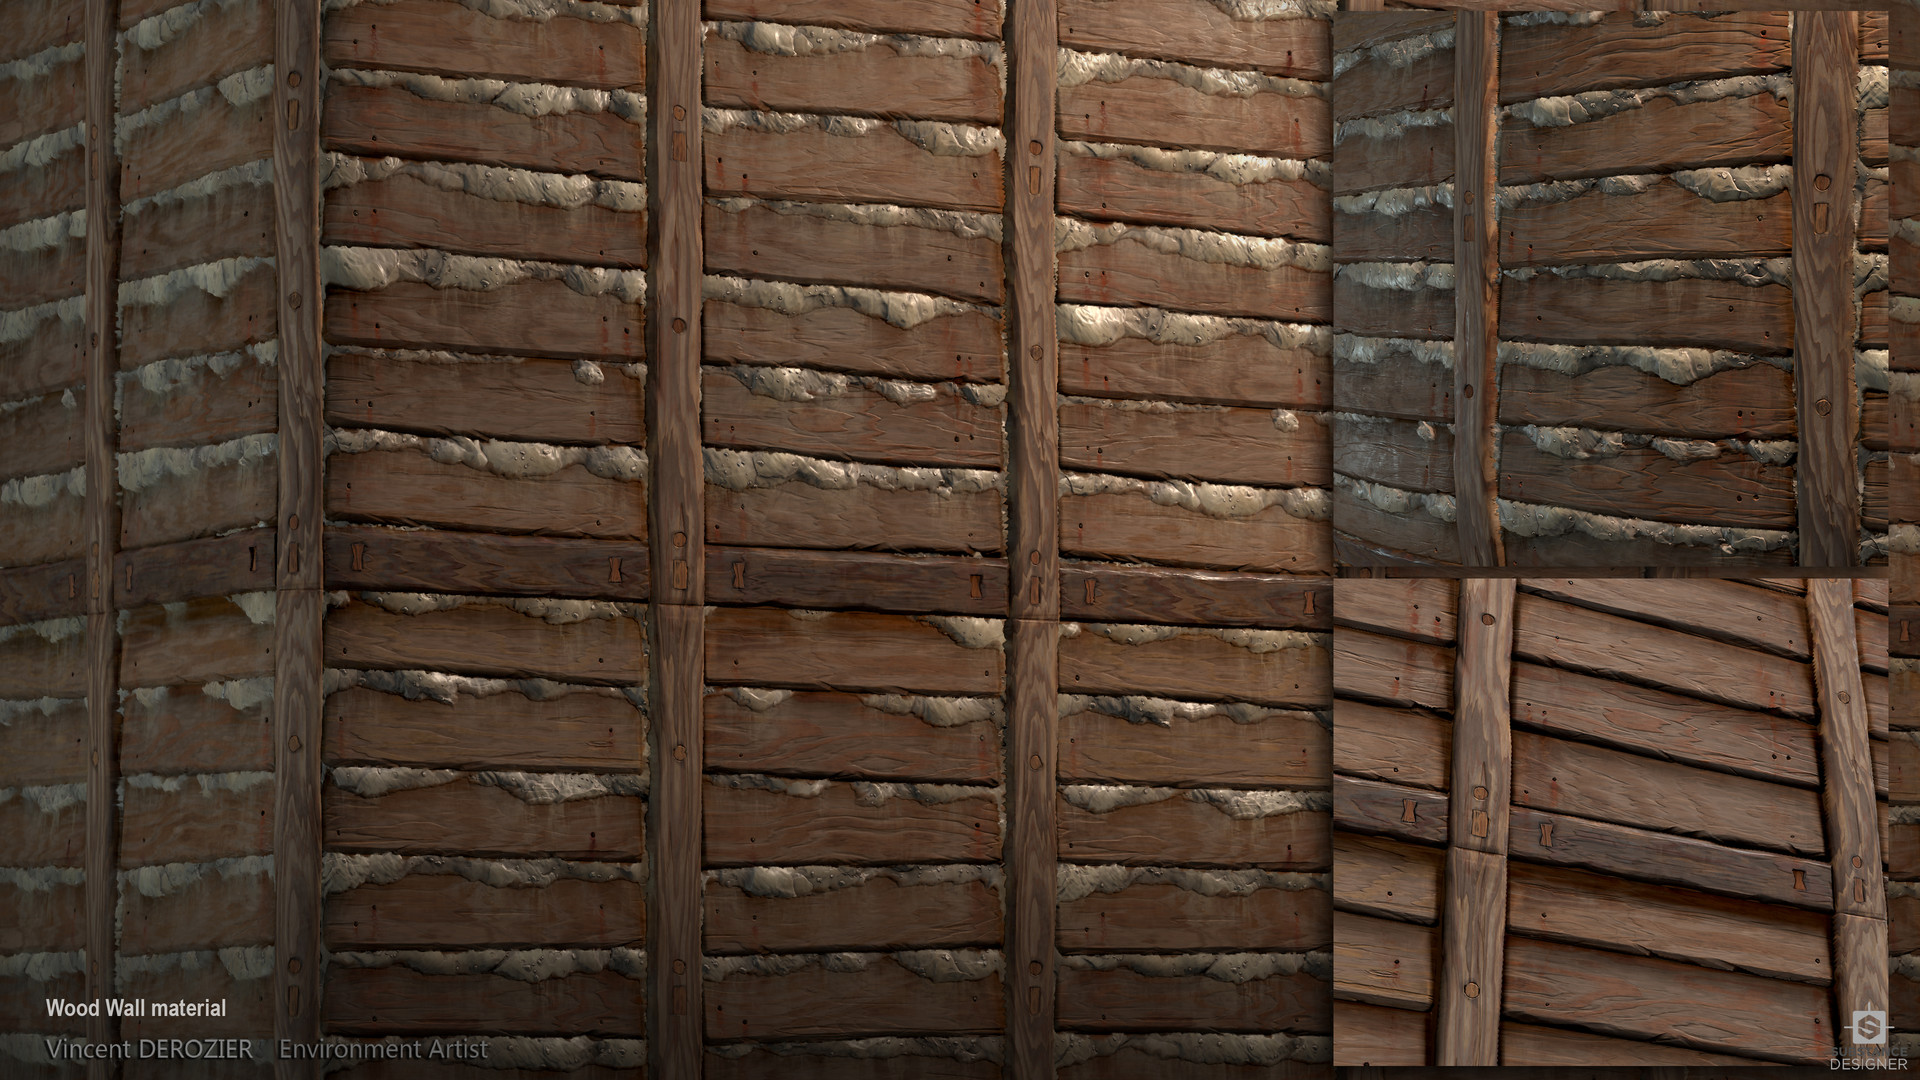 Vincent derozier woodwall 03